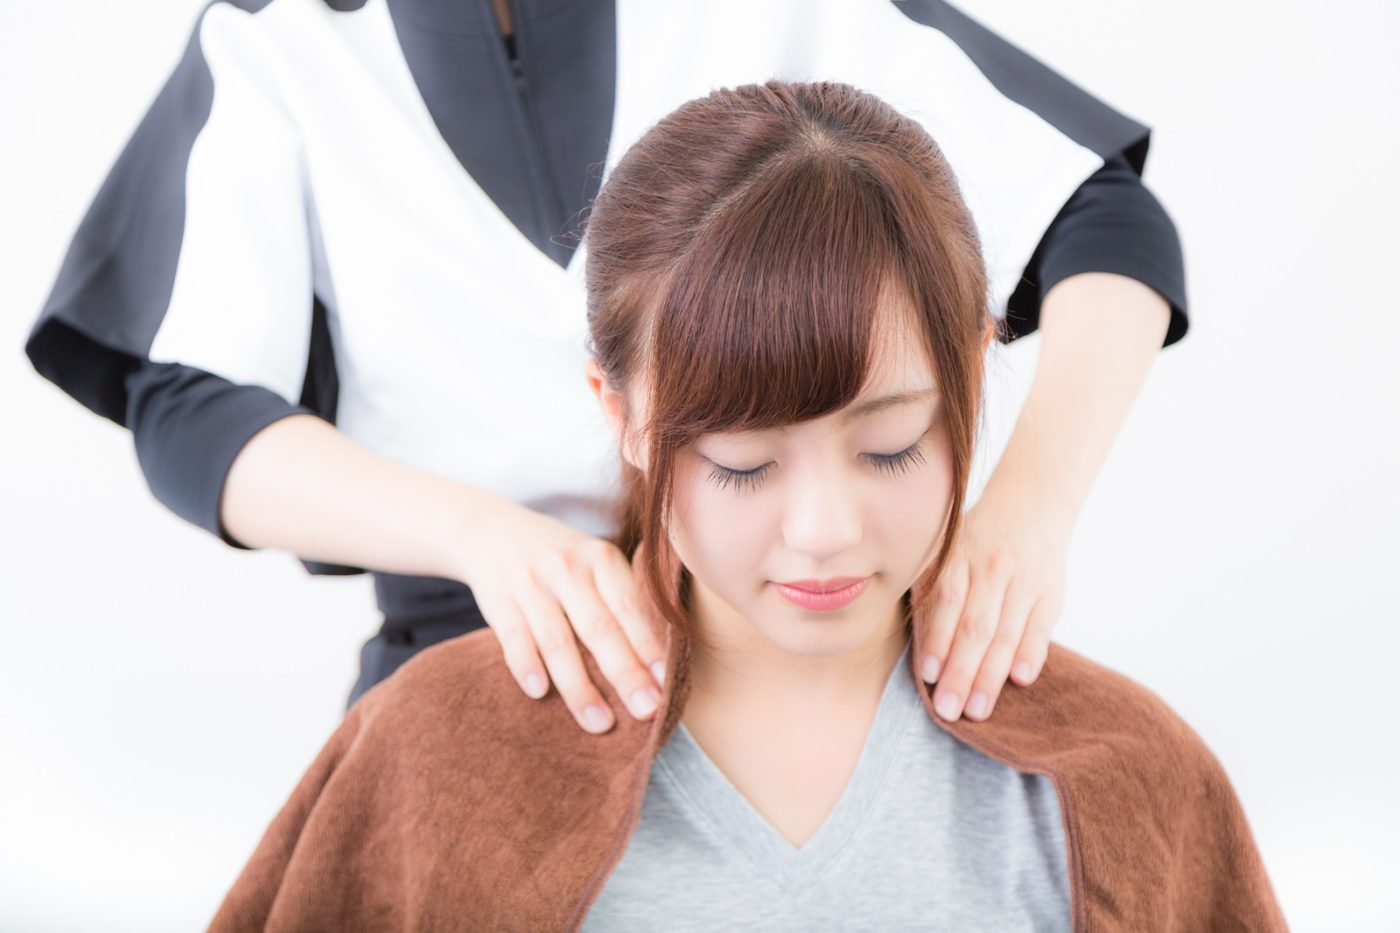 肩こり解消に効くマットレスおすすめ人気ランキング!選び方を教えます